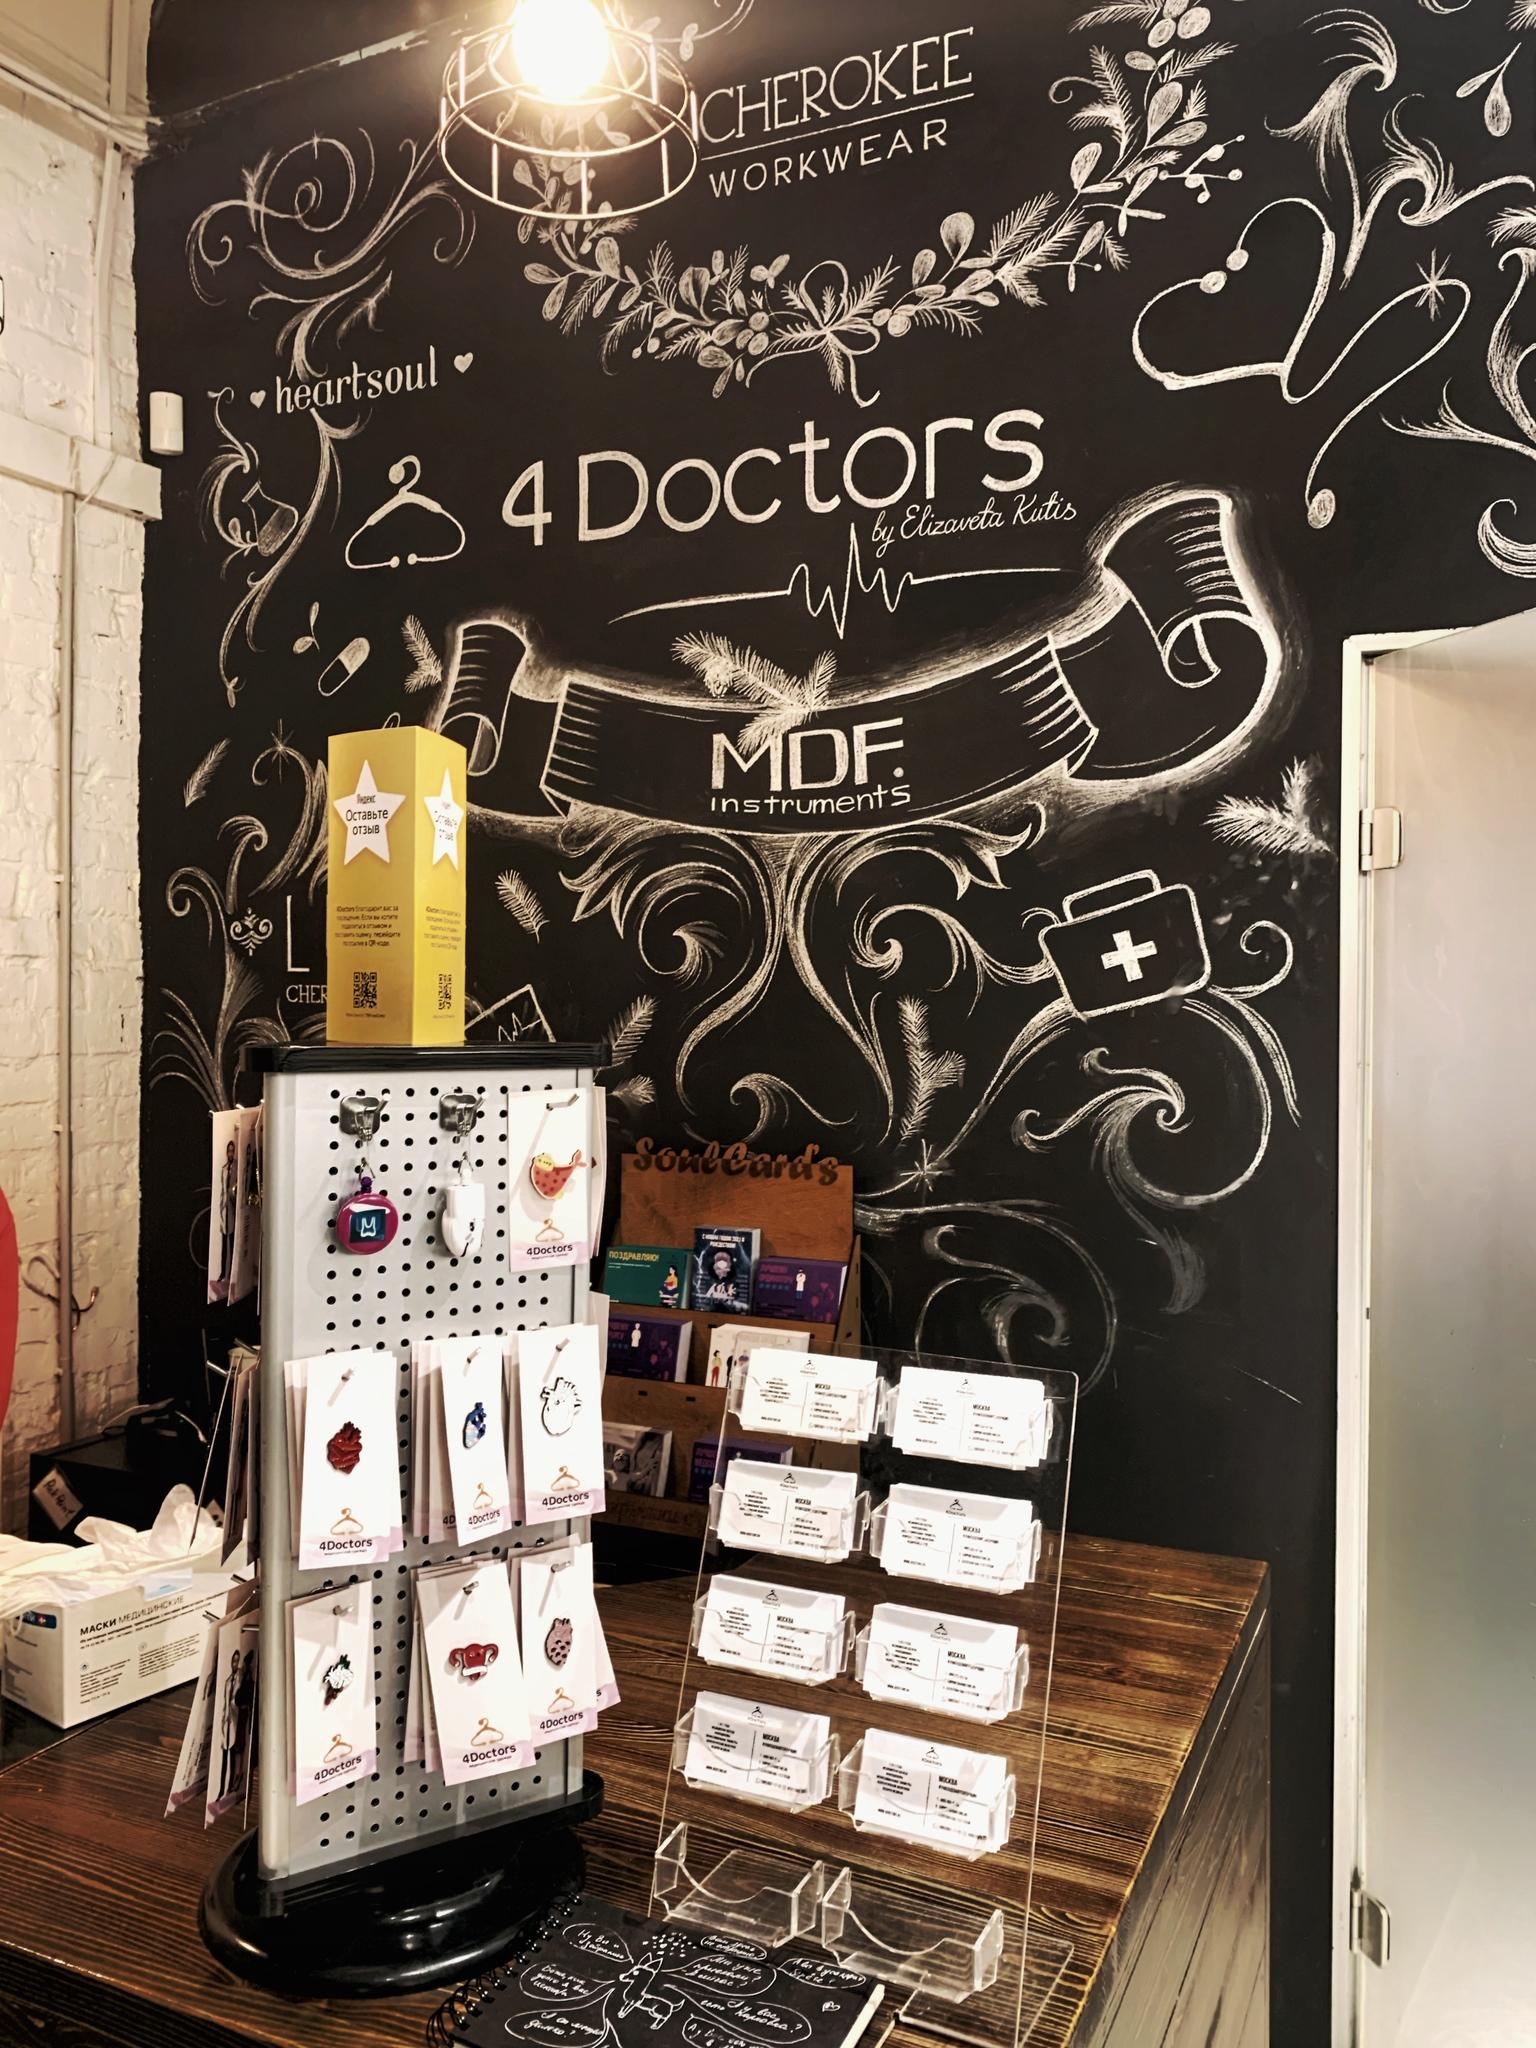 Обновление магазина медицинской одежды 4Doctors на